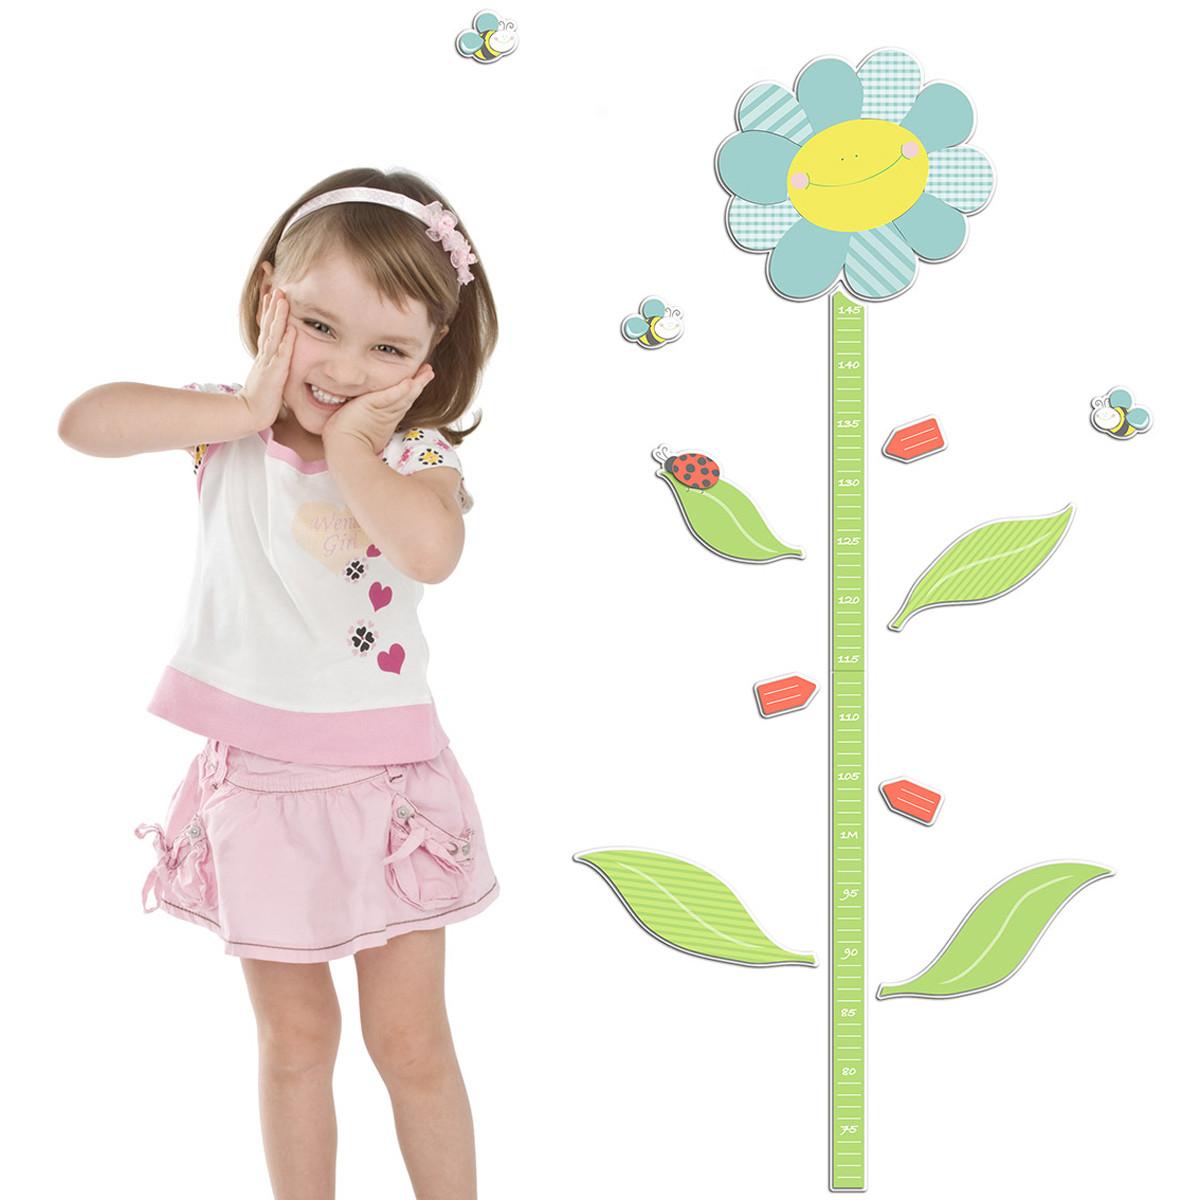 Παιδικός Αφρώδης Υψομετρητής Τοίχου Ango Smiling Flowers 18503 home   παιδικά   παιδική διακόσμηση